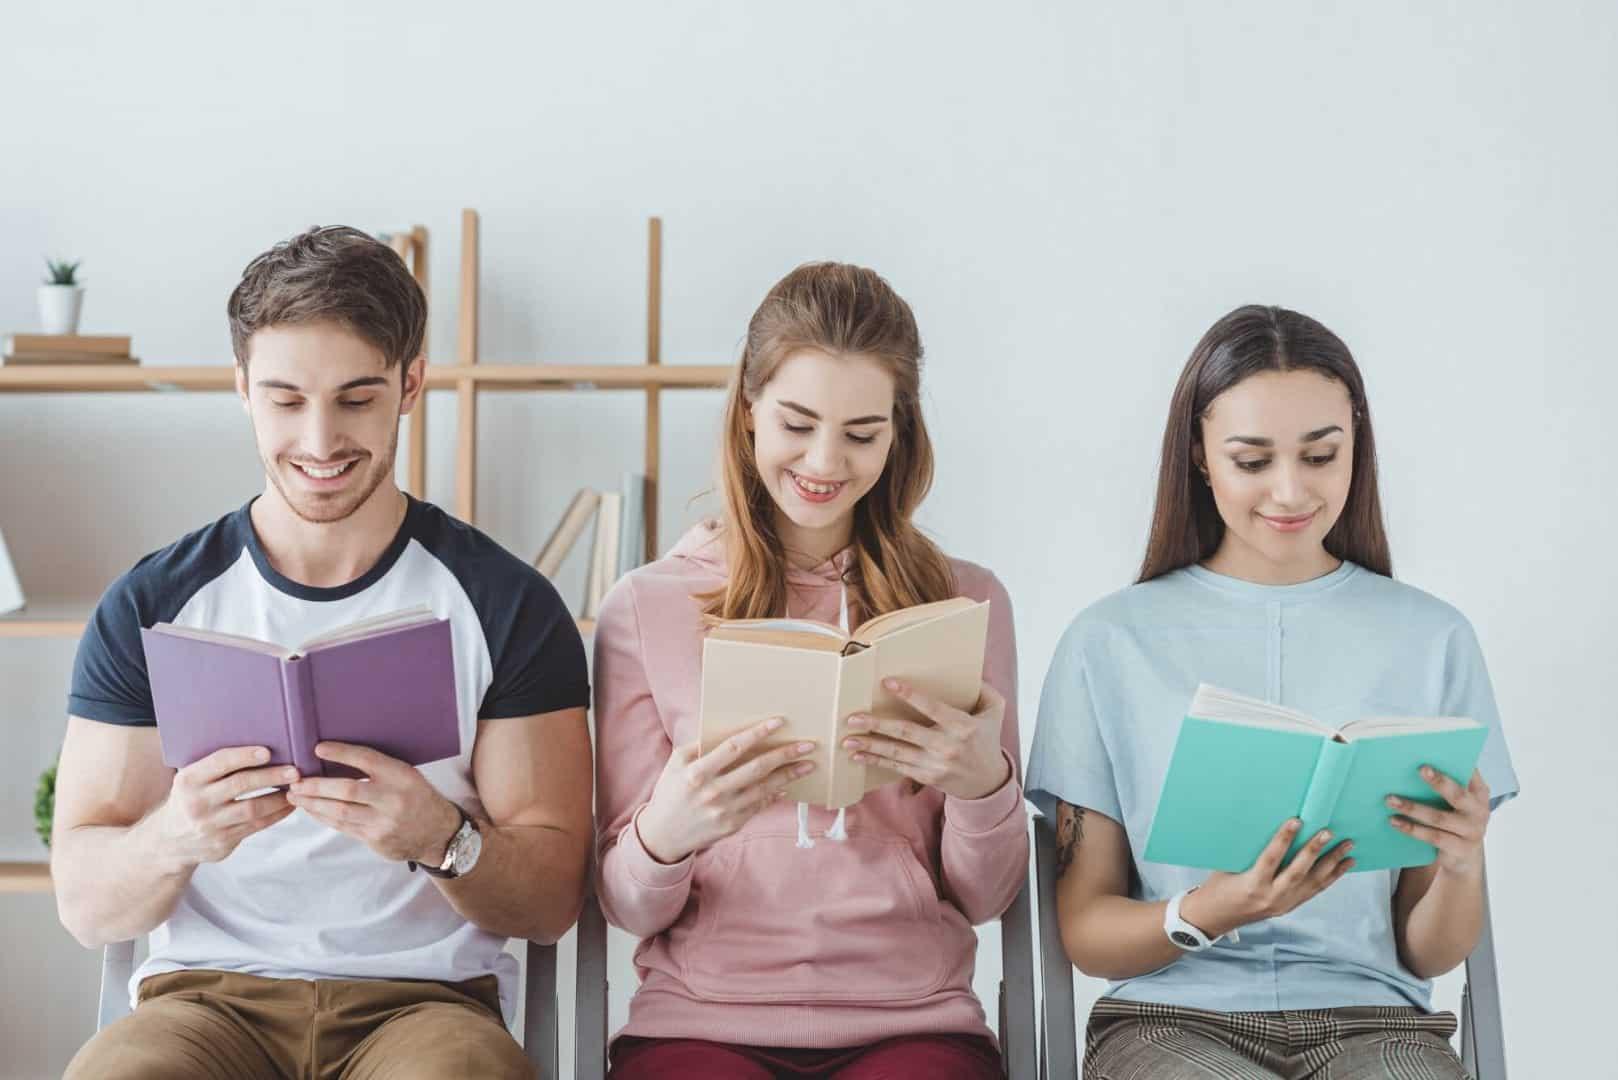 Livros de autoajuda - 10 ótimas obras para lhe ajudar a ser melhor